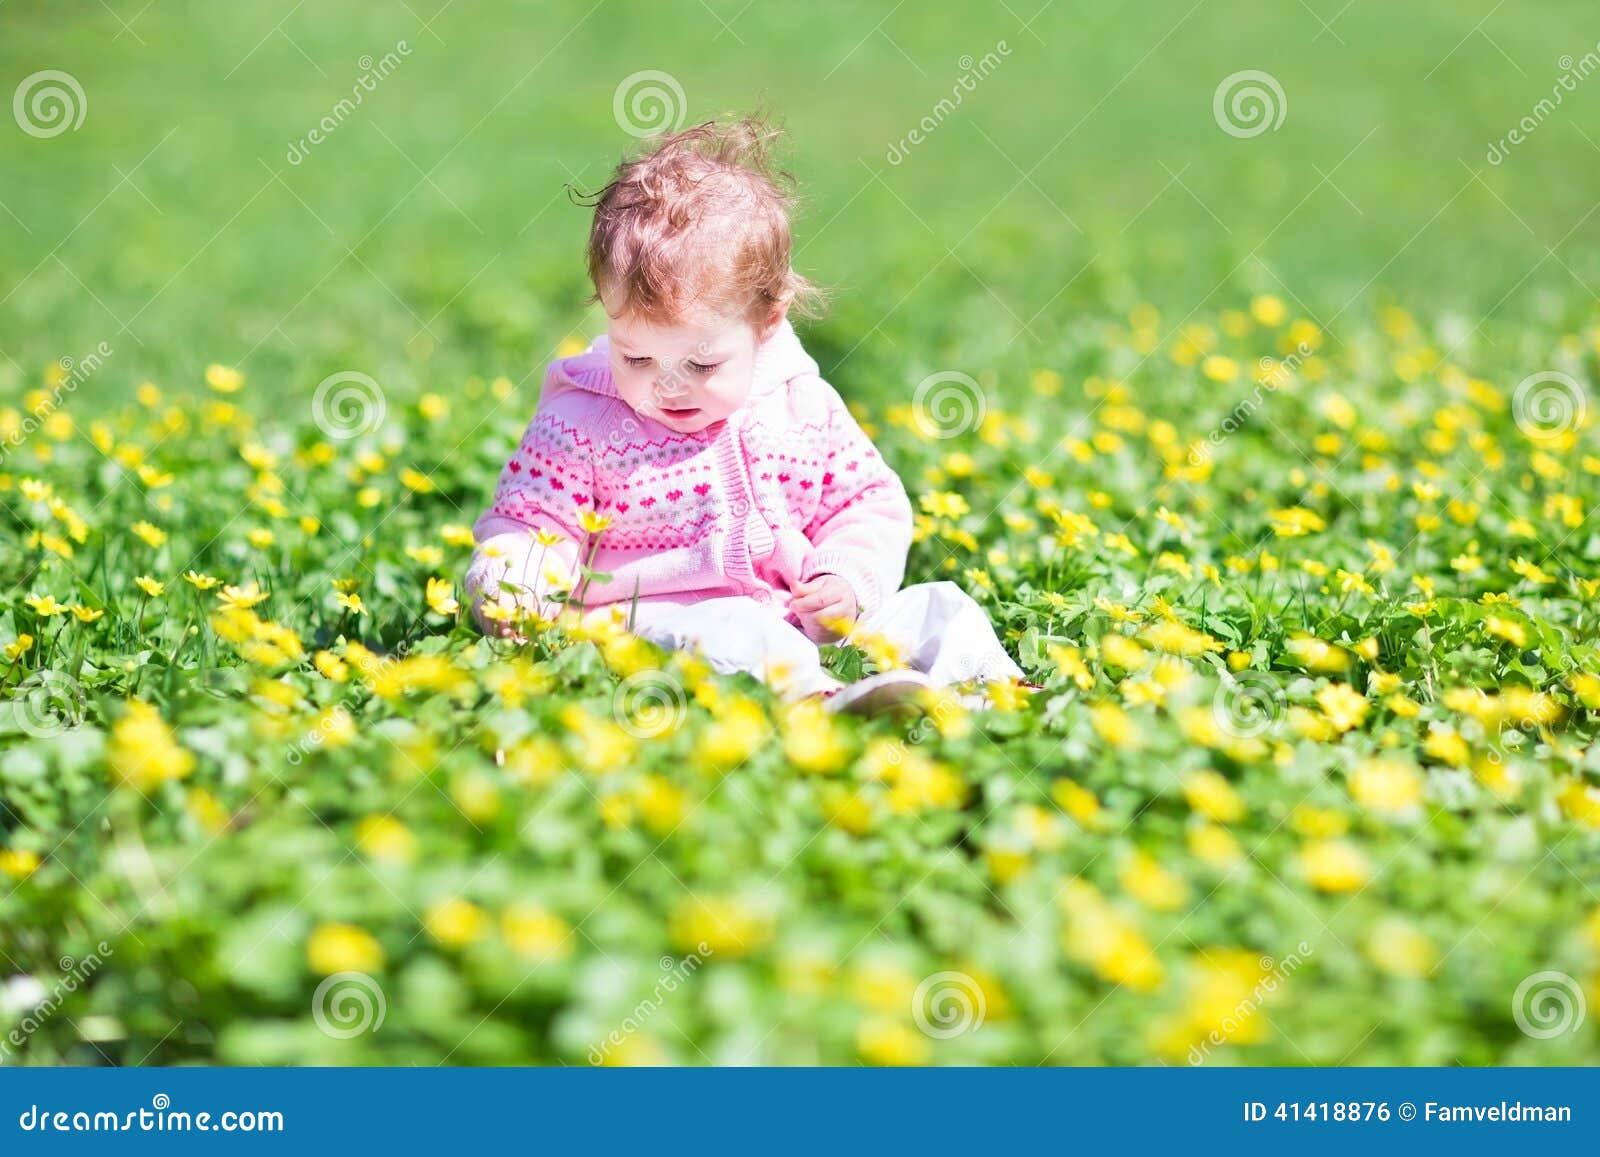 jardim rosas amarelas : jardim rosas amarelas:Little Girl in Garden